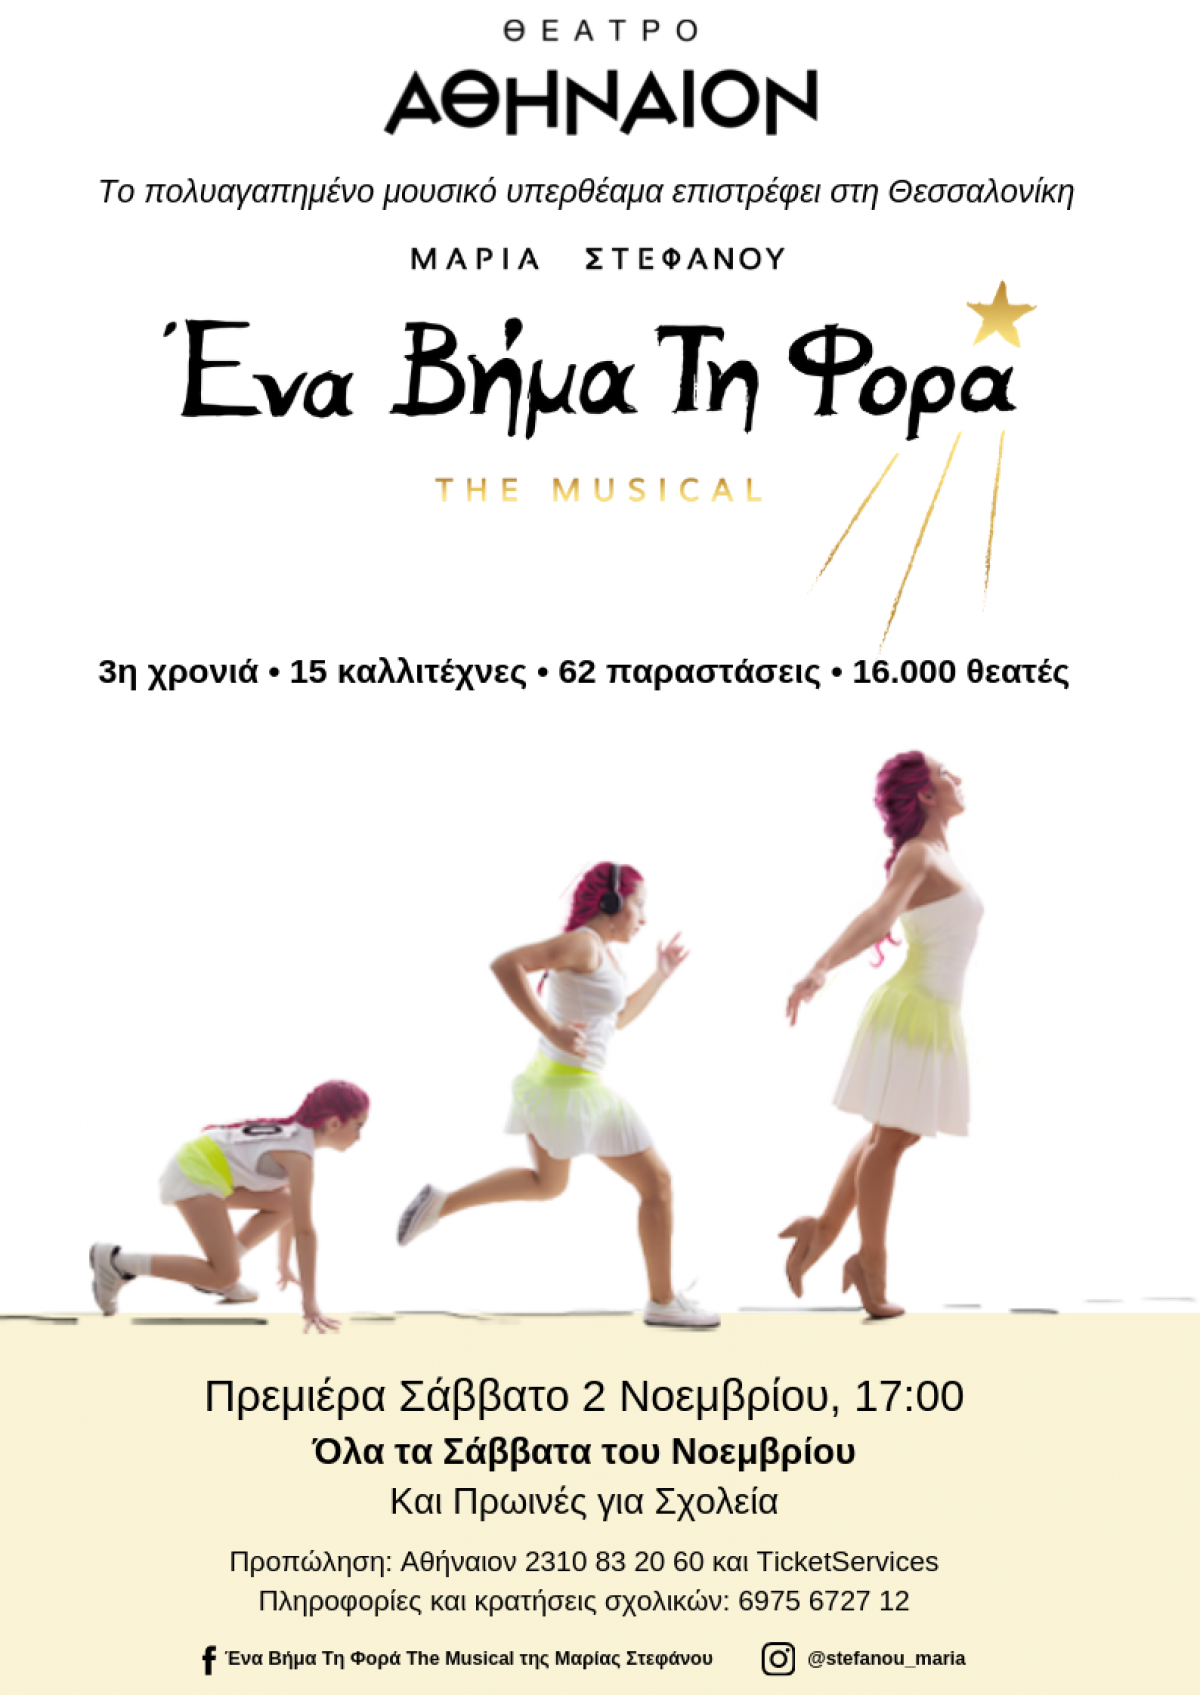 «Ένα Βήμα Τη Φορά» της Μαρίας Στεφάνου στο Θέατρο Αθήναιον